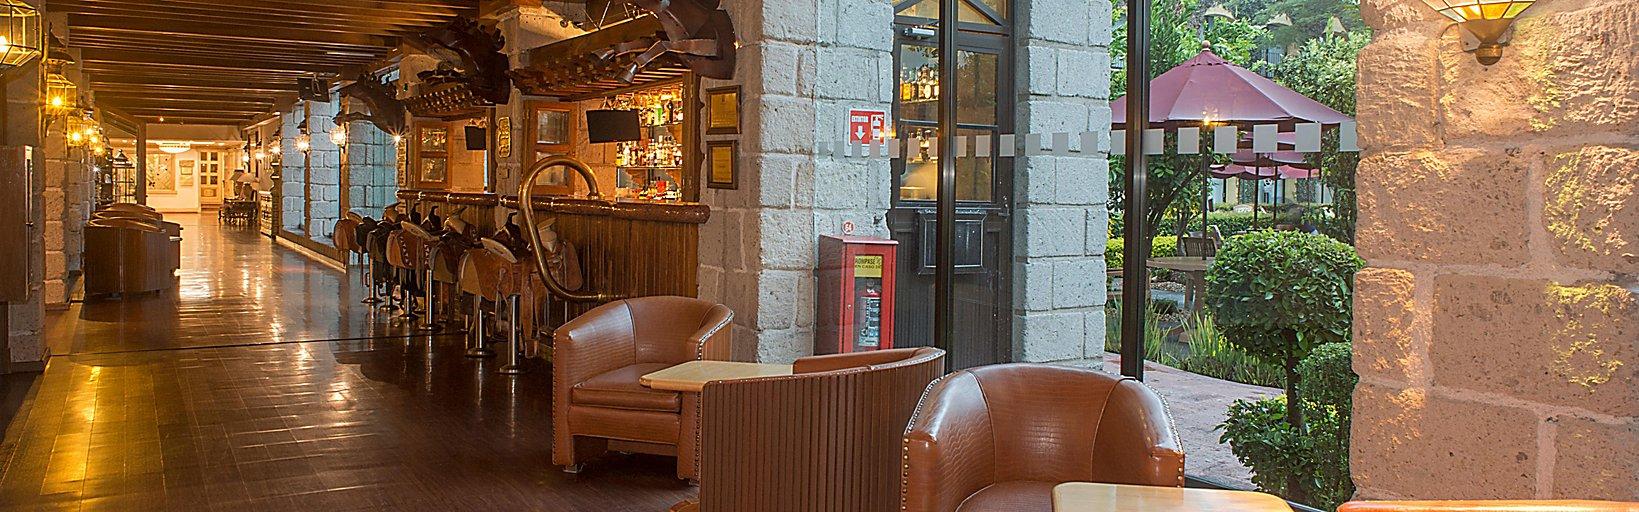 Holiday Inn Queretaro Hotels Holiday Inn Queretaro Centro